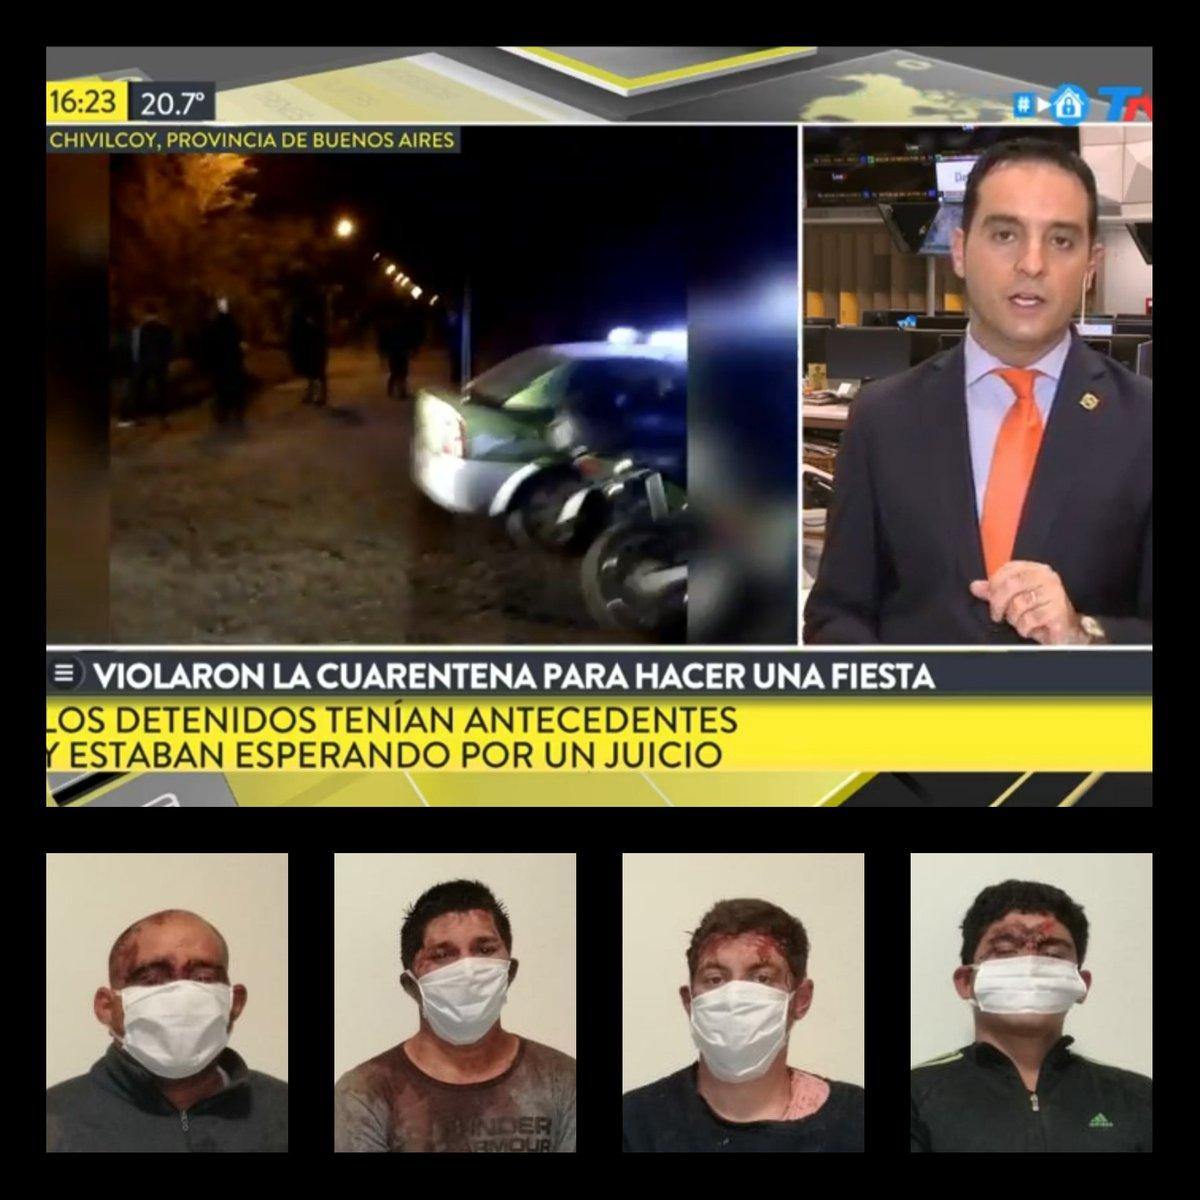 #Chivilcoy Los detenidos por el ataque:) Hernan Fetter,Martin Ortega,Daniel Fetter y Sergio Gimenez tienen antecedentes por robos,robos en poblado y en banda y amenazas.Ayer violaron la cuarentena, lastimaron a 7 policías y rompieron patrulleros y motos a palazos y piedrazos. pic.twitter.com/KFT0Y4JGnI